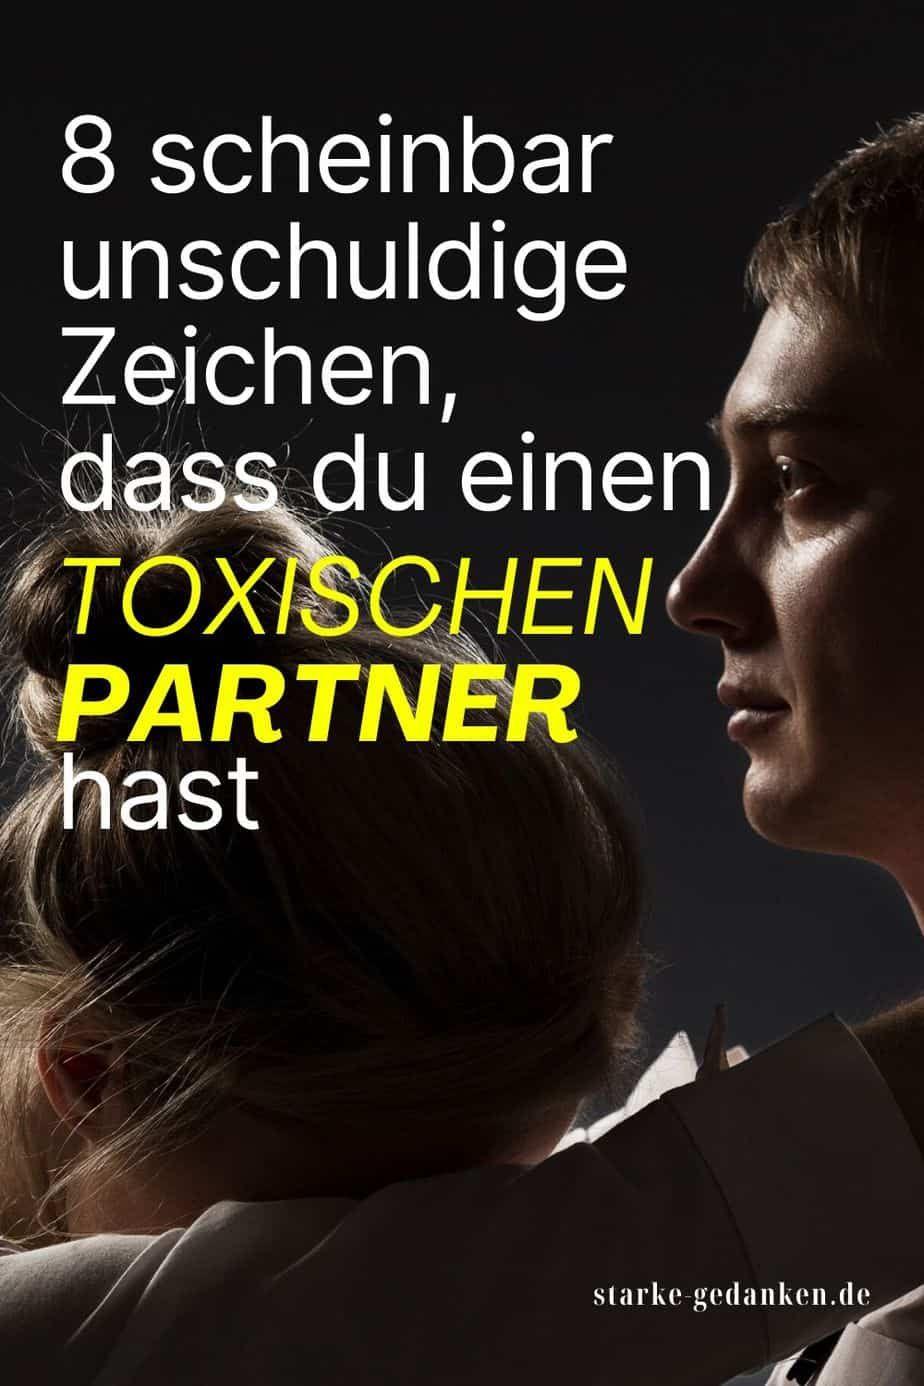 Toxische Partner